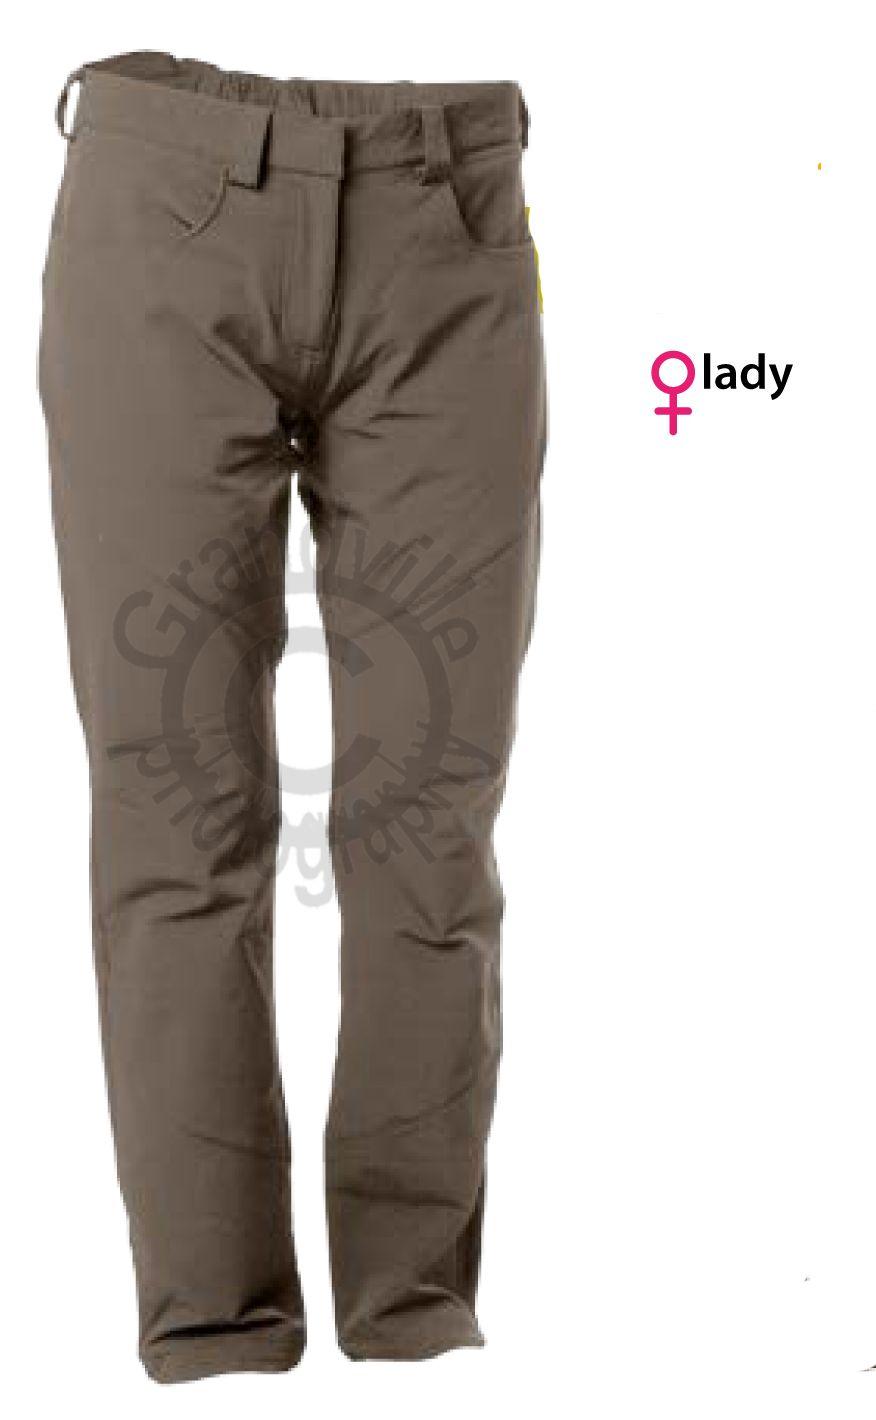 Outdoorix - Warmpeace Flea lady sand/sand dámské kalhoty